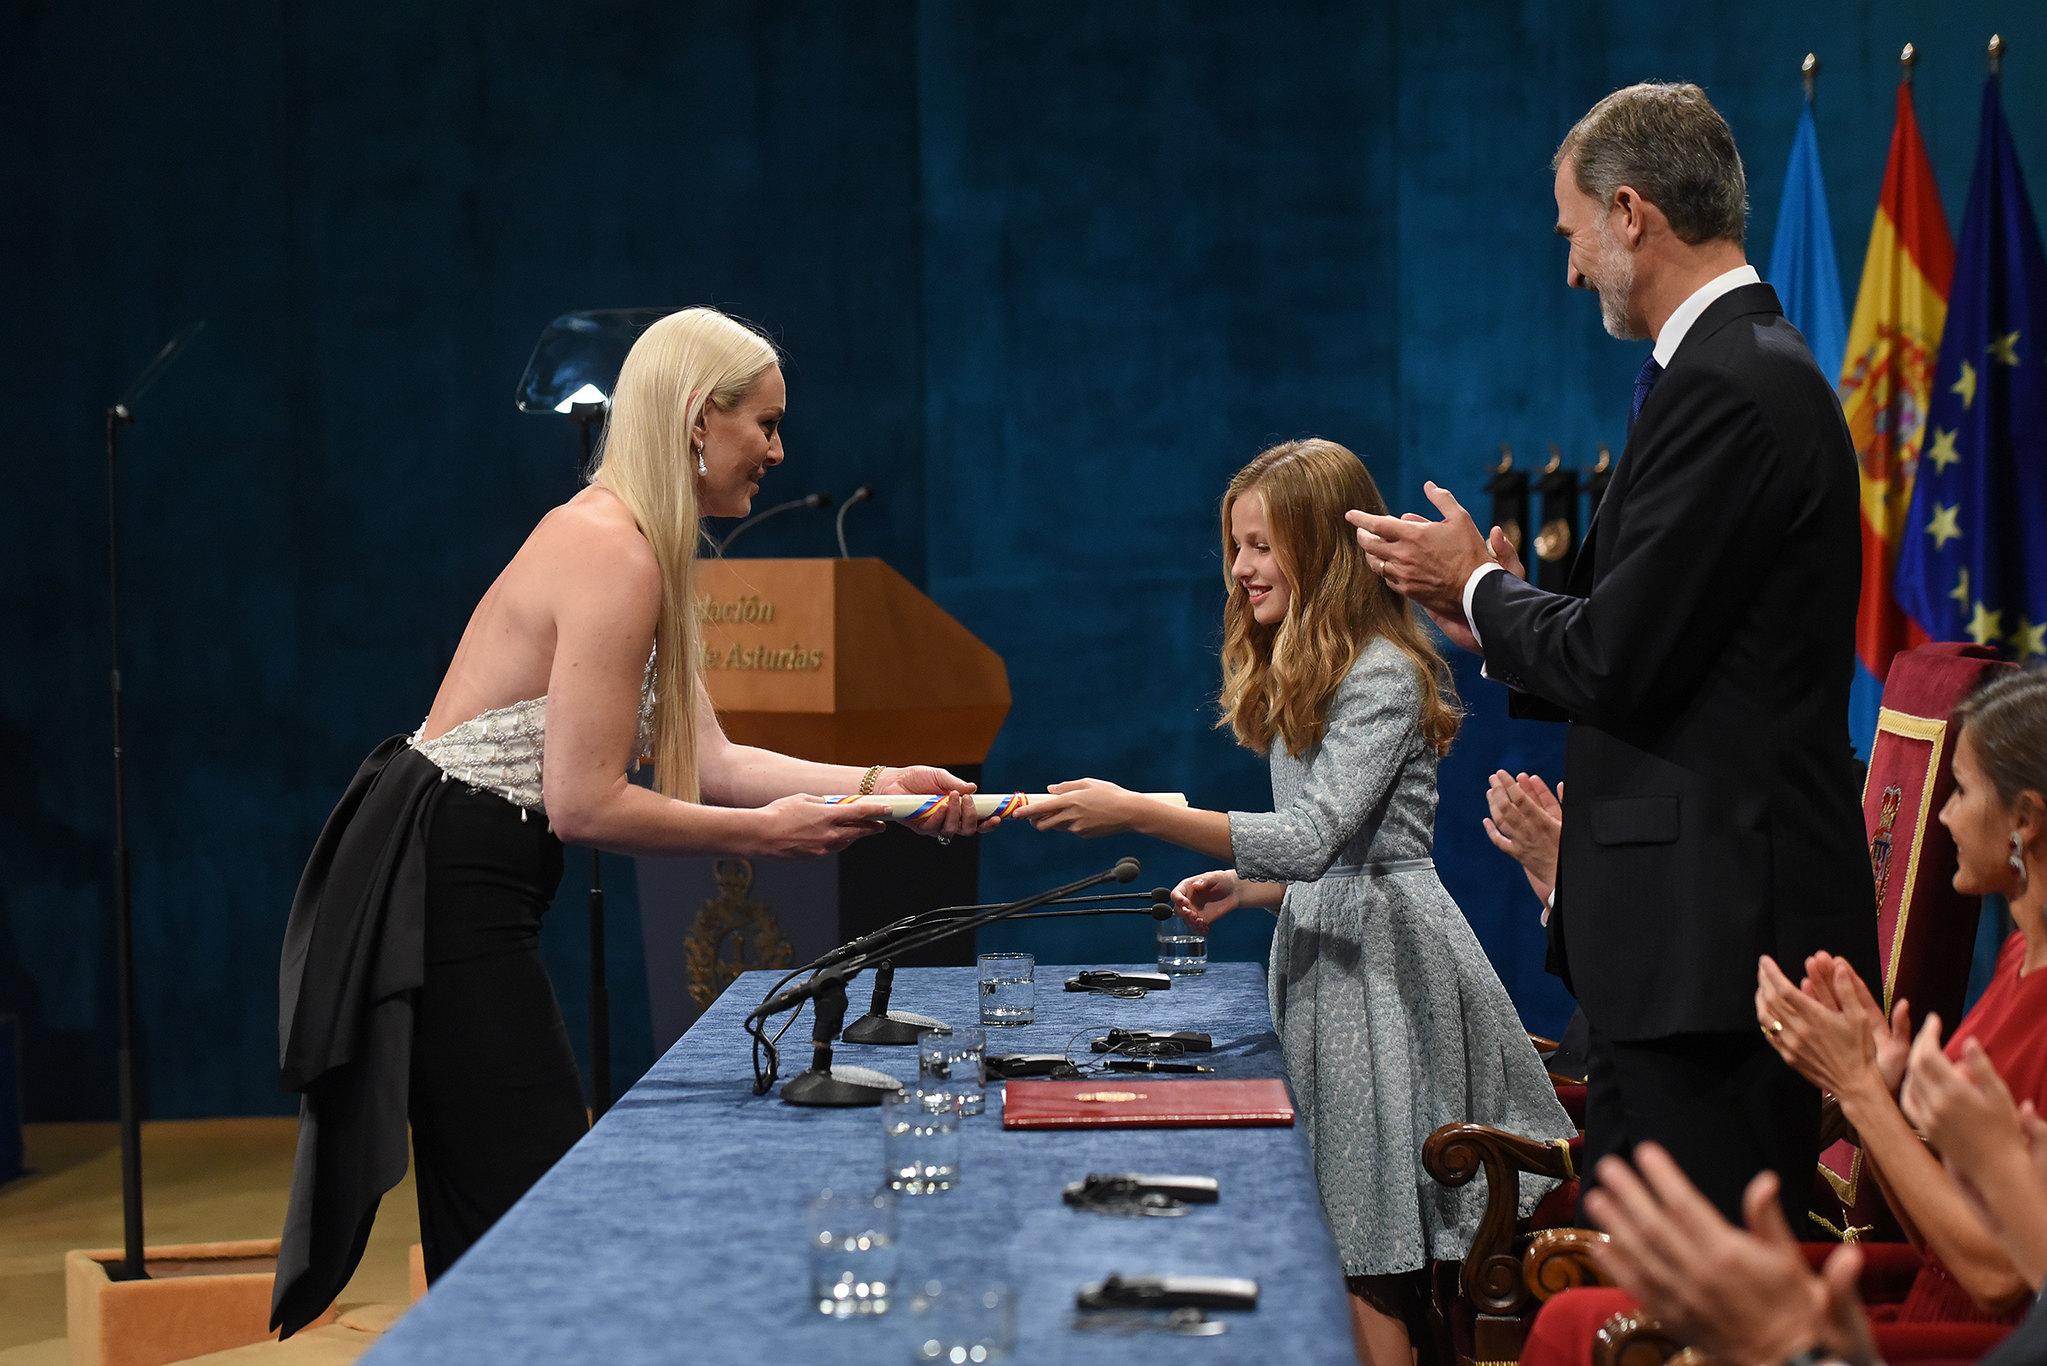 La Princesa de Asturias entrega el premio a Lindey Vonn.  FPA Iván Martínez